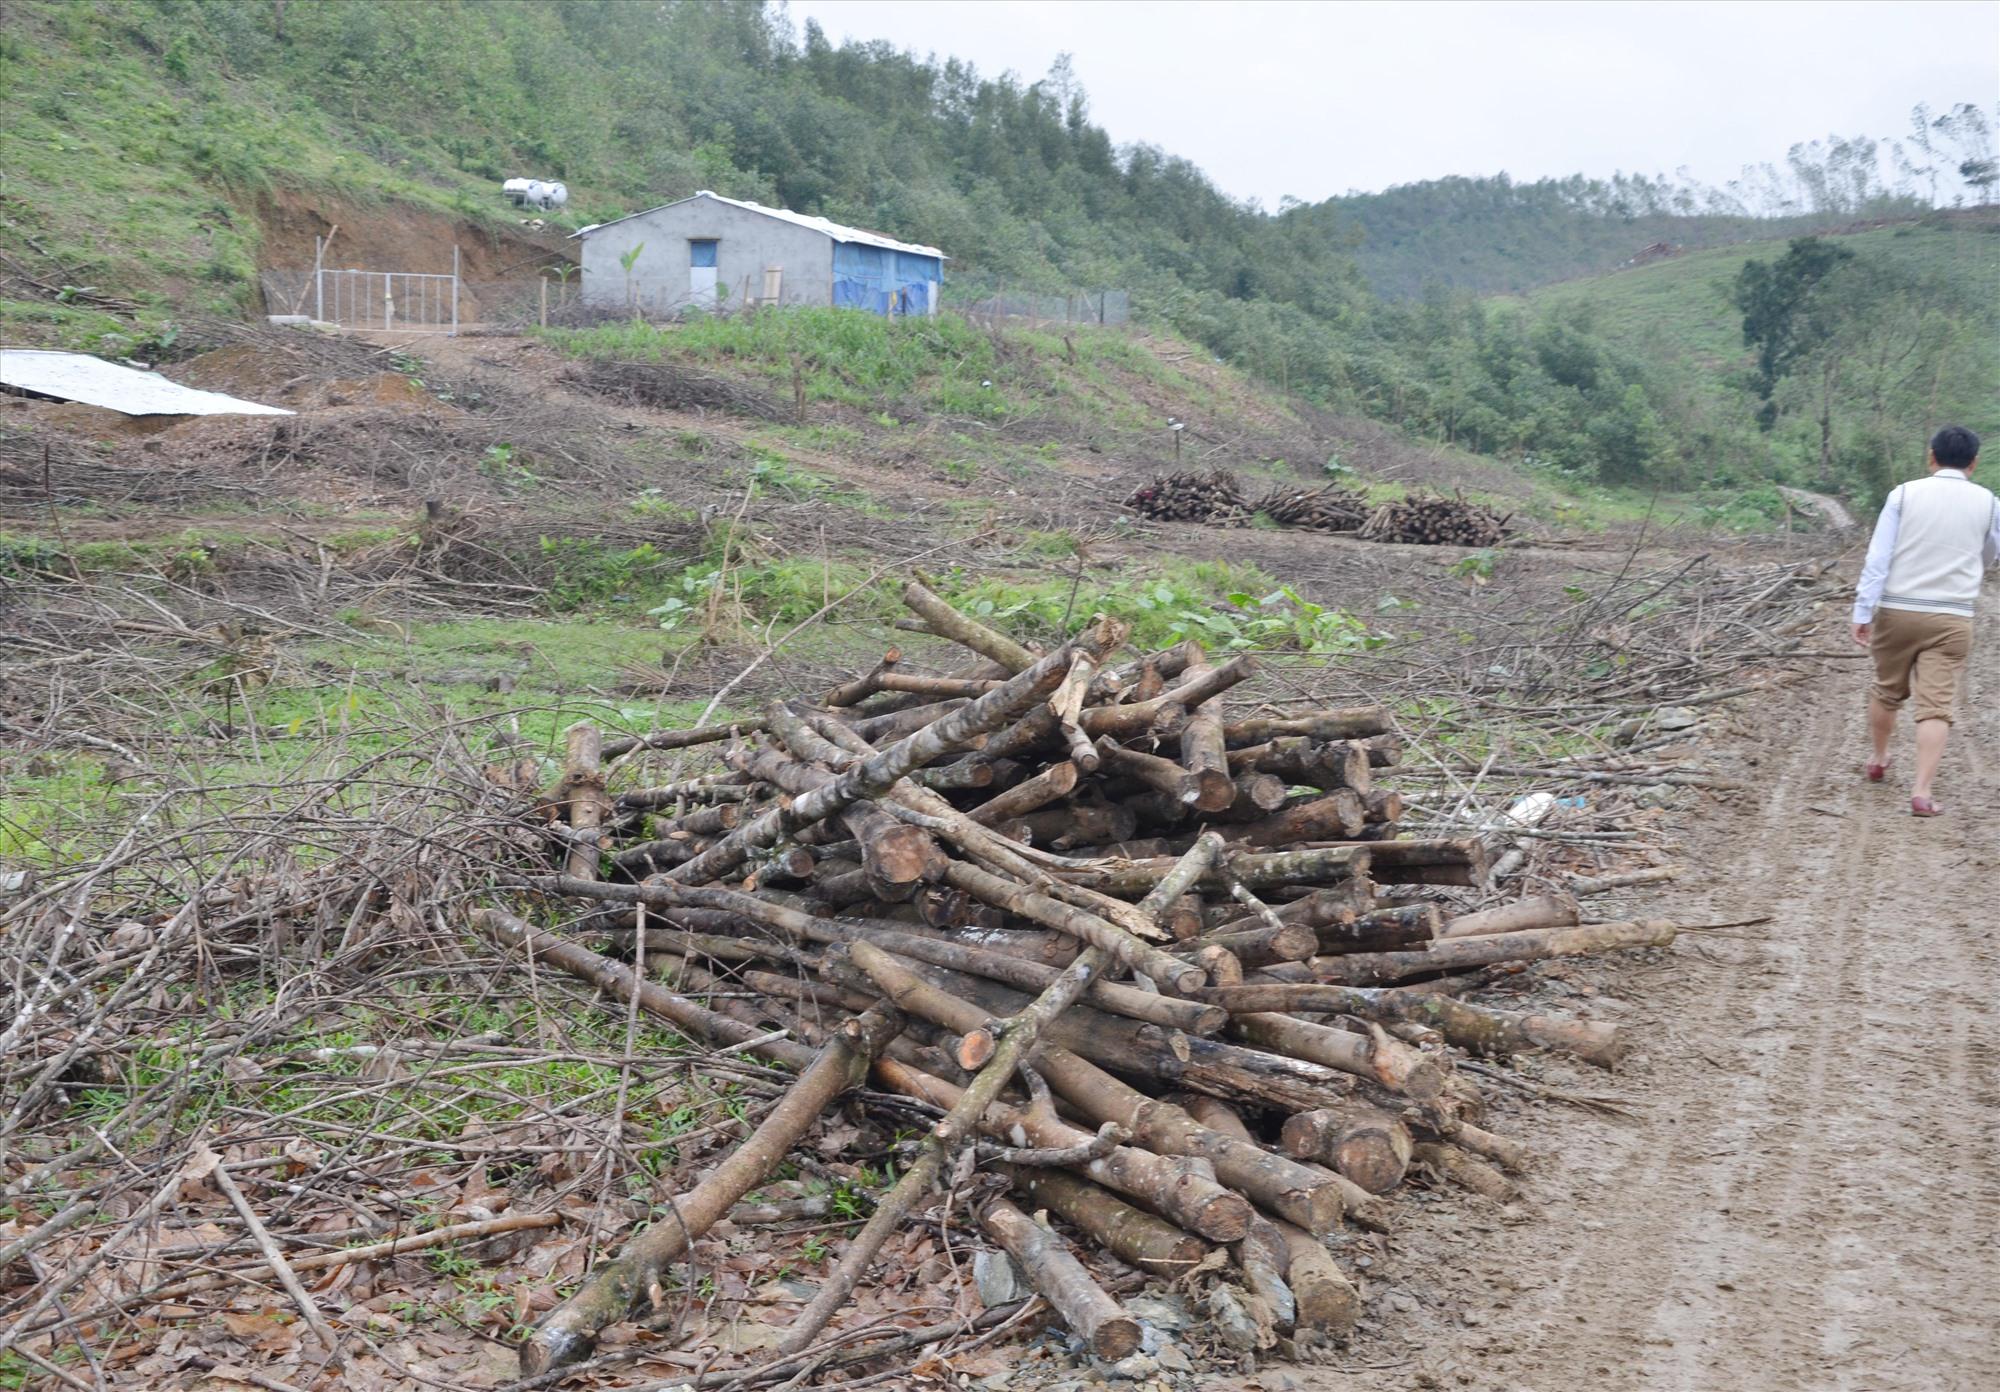 Đến năm 2022, các địa phương sẽ triển khai phương án xử lý chồng lấn quy hoạch các loại rừng. Ajhr: H.P